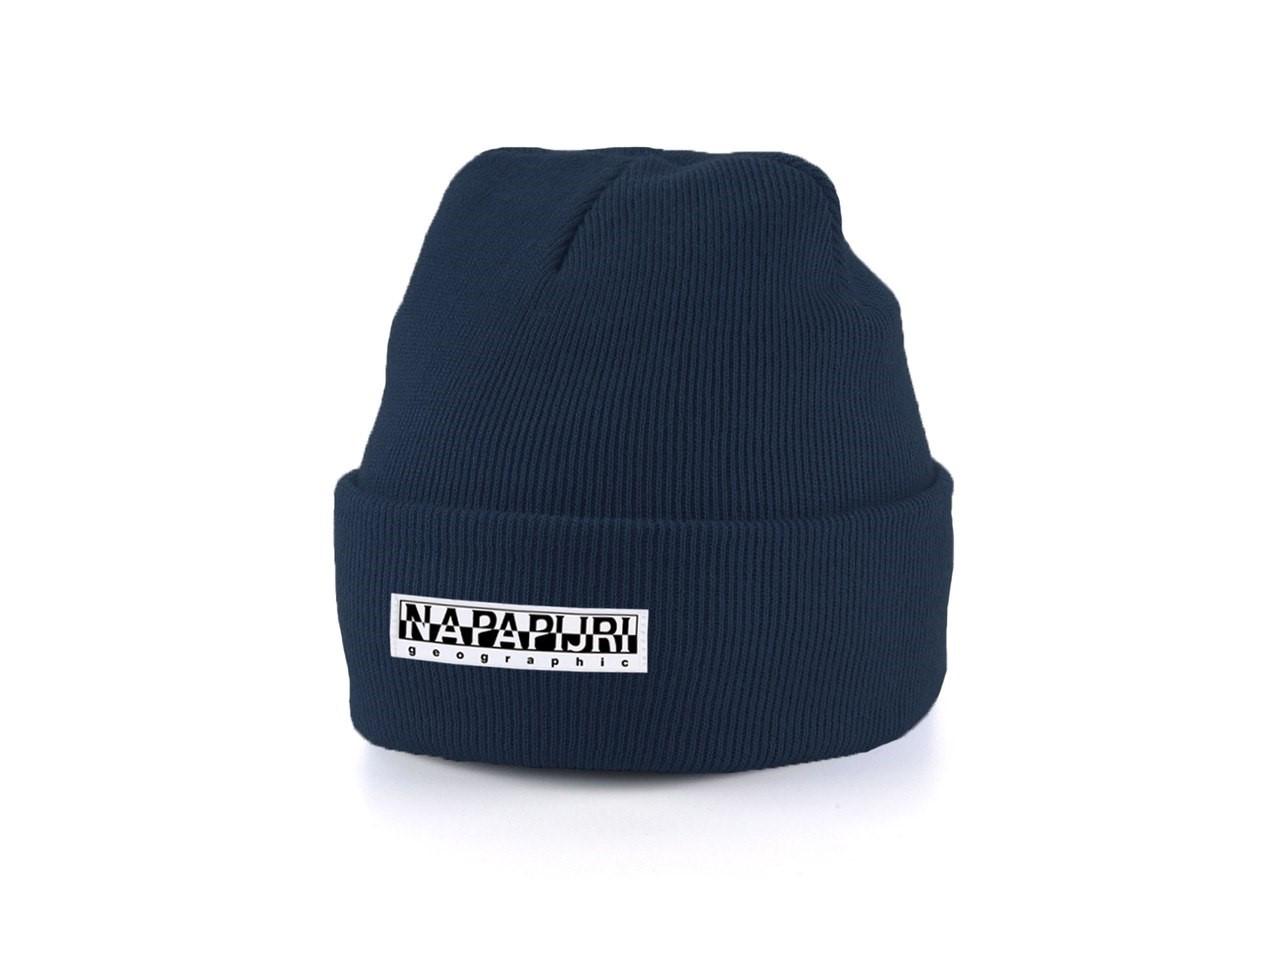 Мужская теплая шапка Napapijri универсальный размер